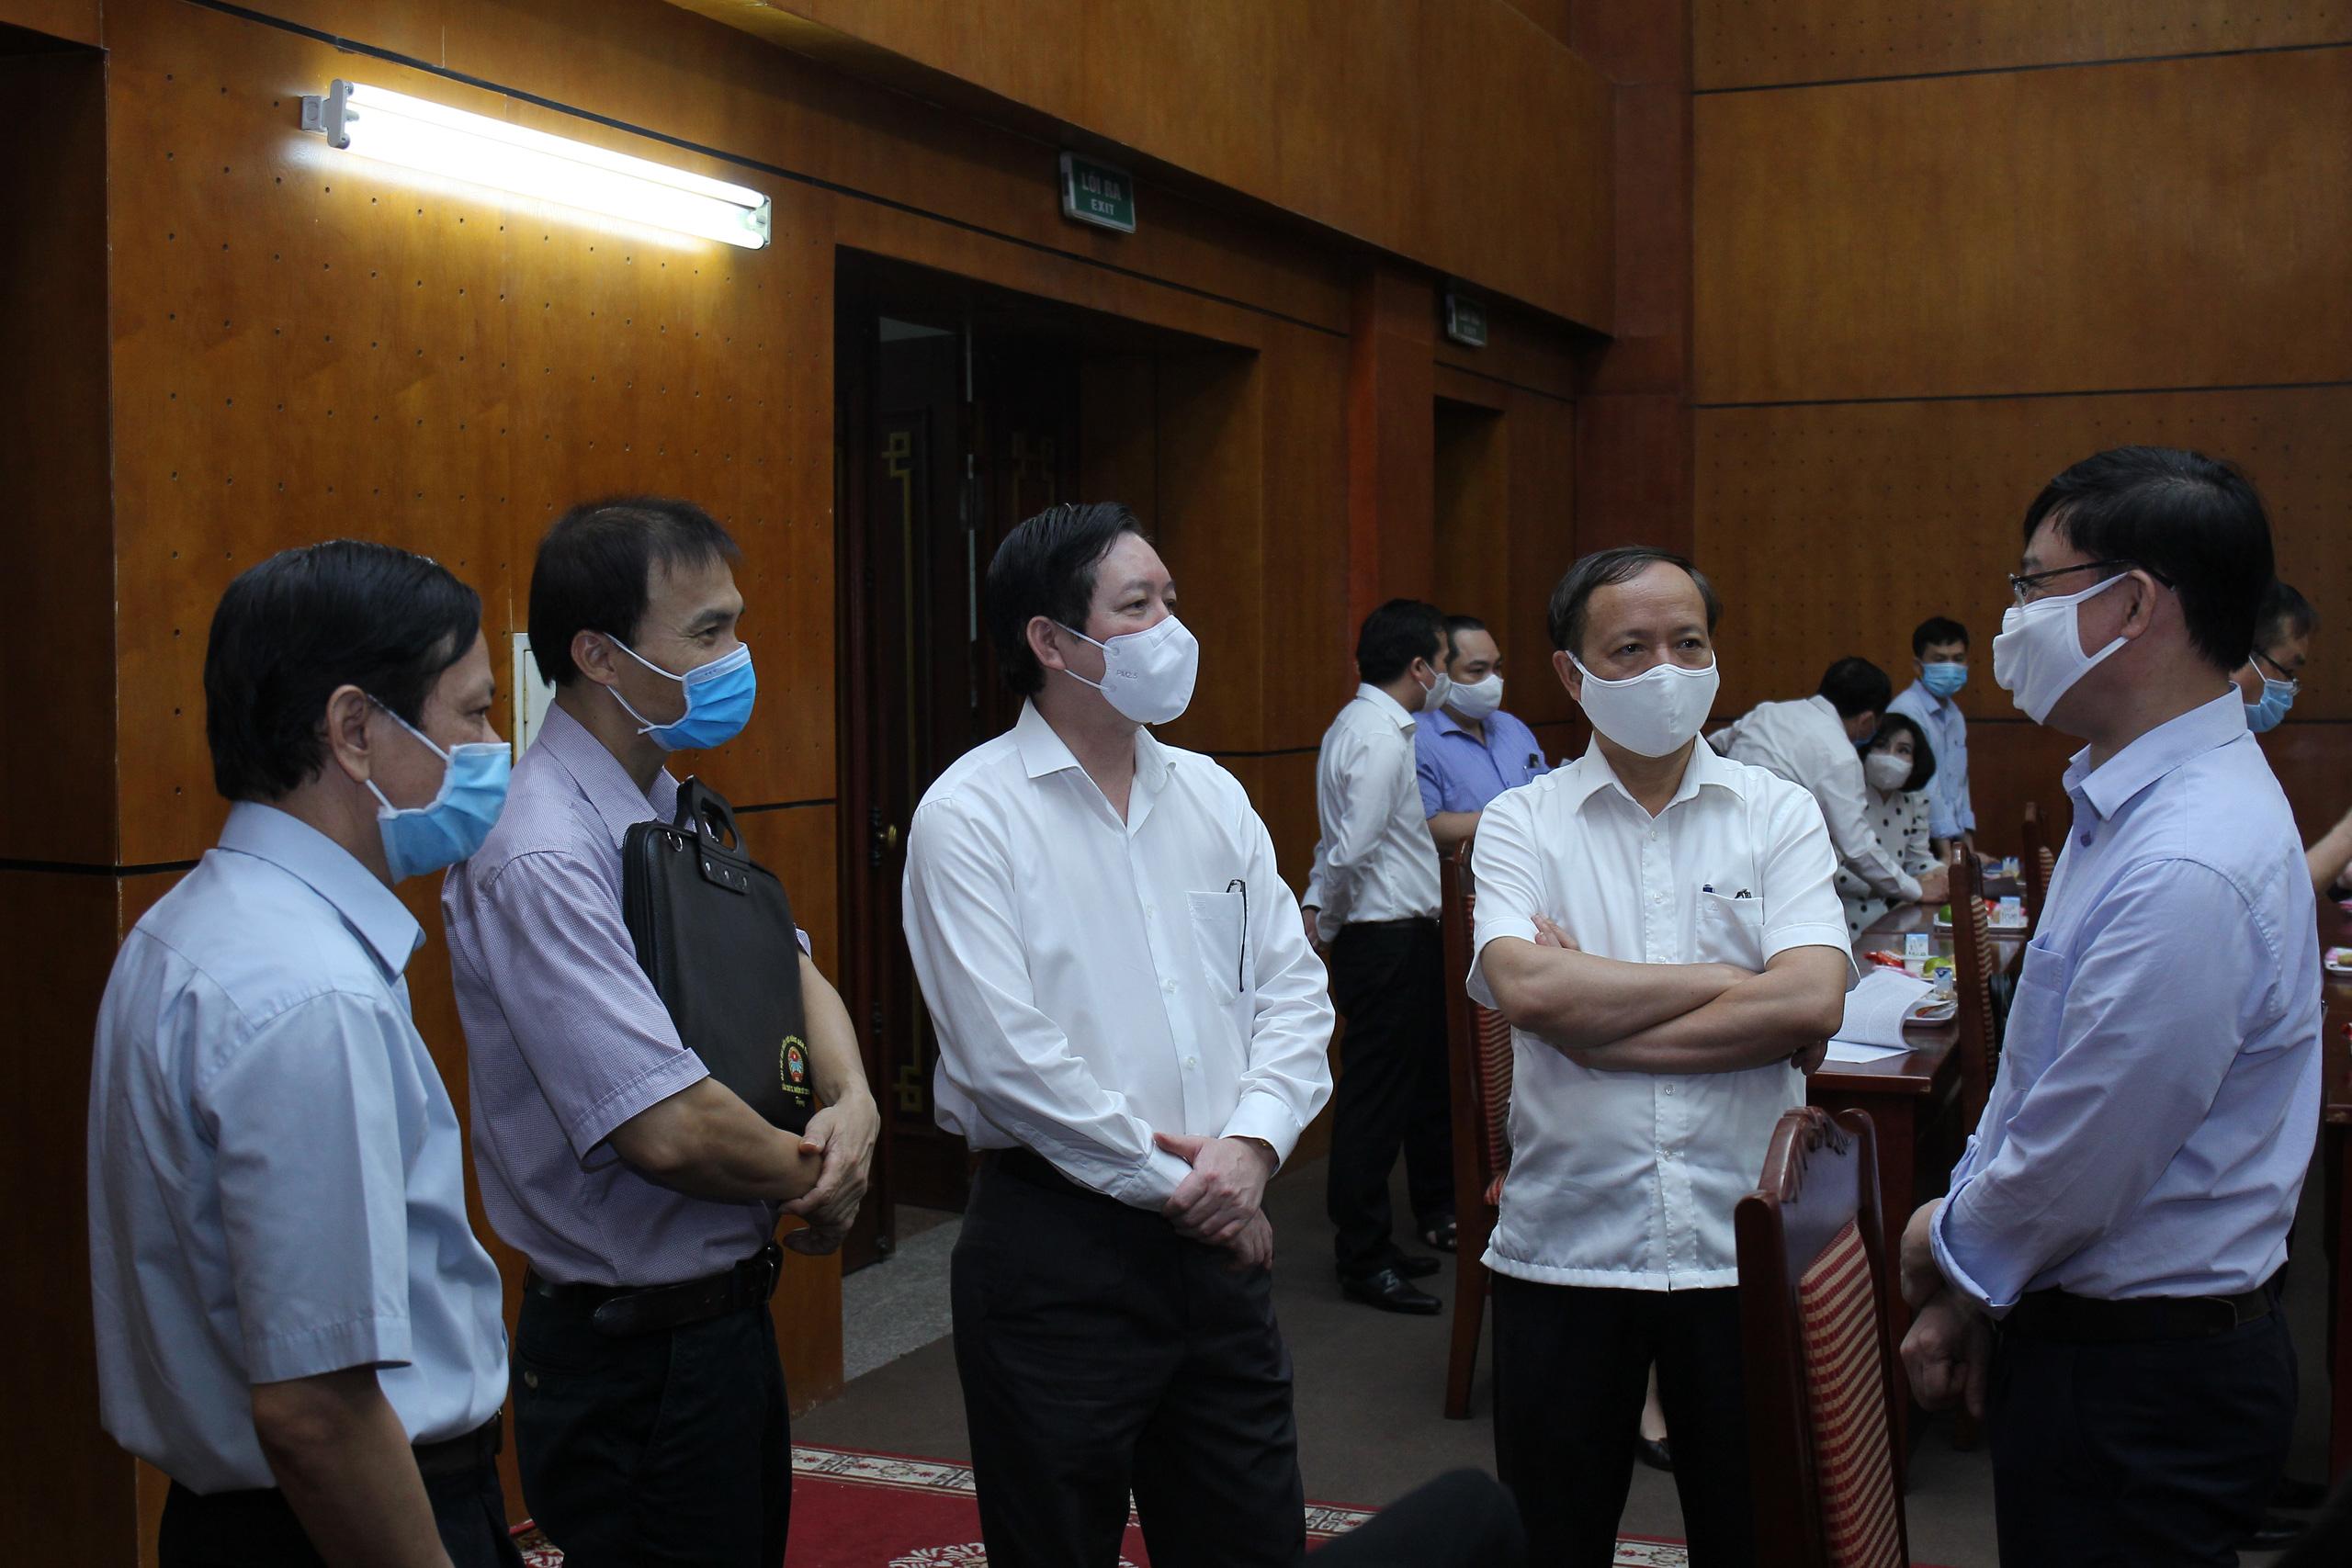 Hôm nay (29/5): Bầu chức danh Chủ tịch T.Ư Hội  Nông dân Việt Nam - Ảnh 4.